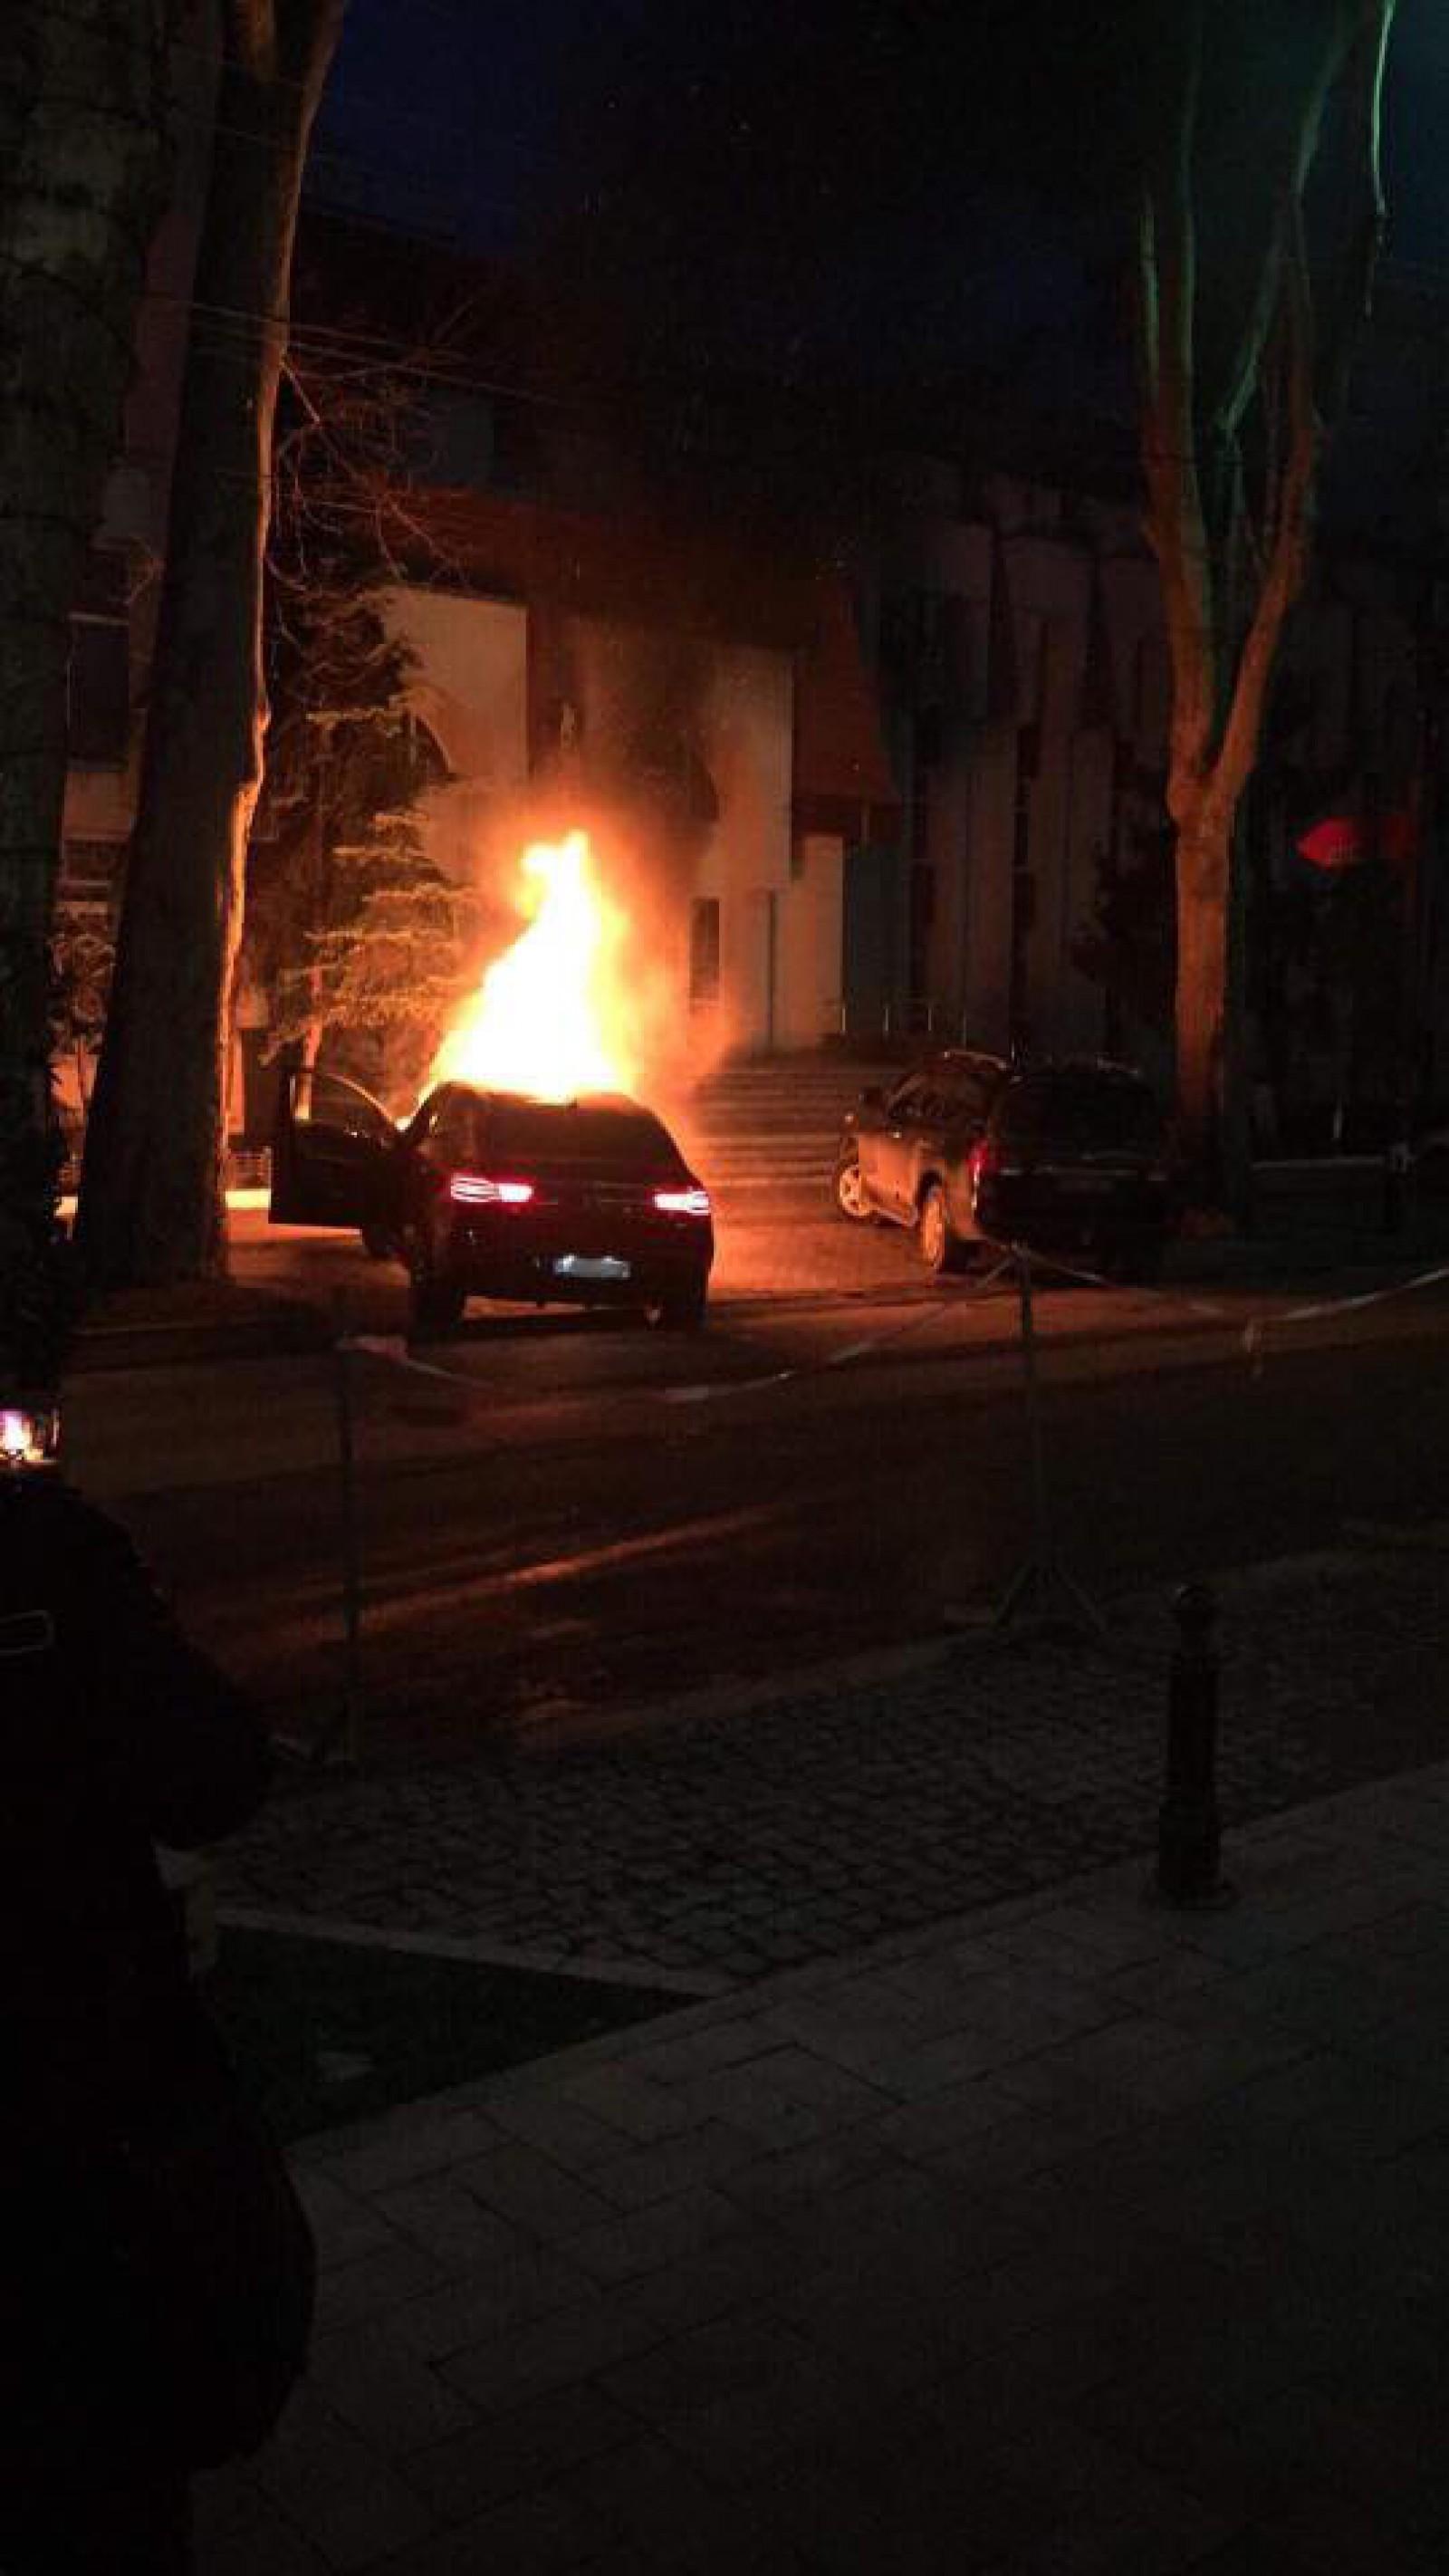 В Рыбнице автомобиль задымился во время движения и полностью сгорел